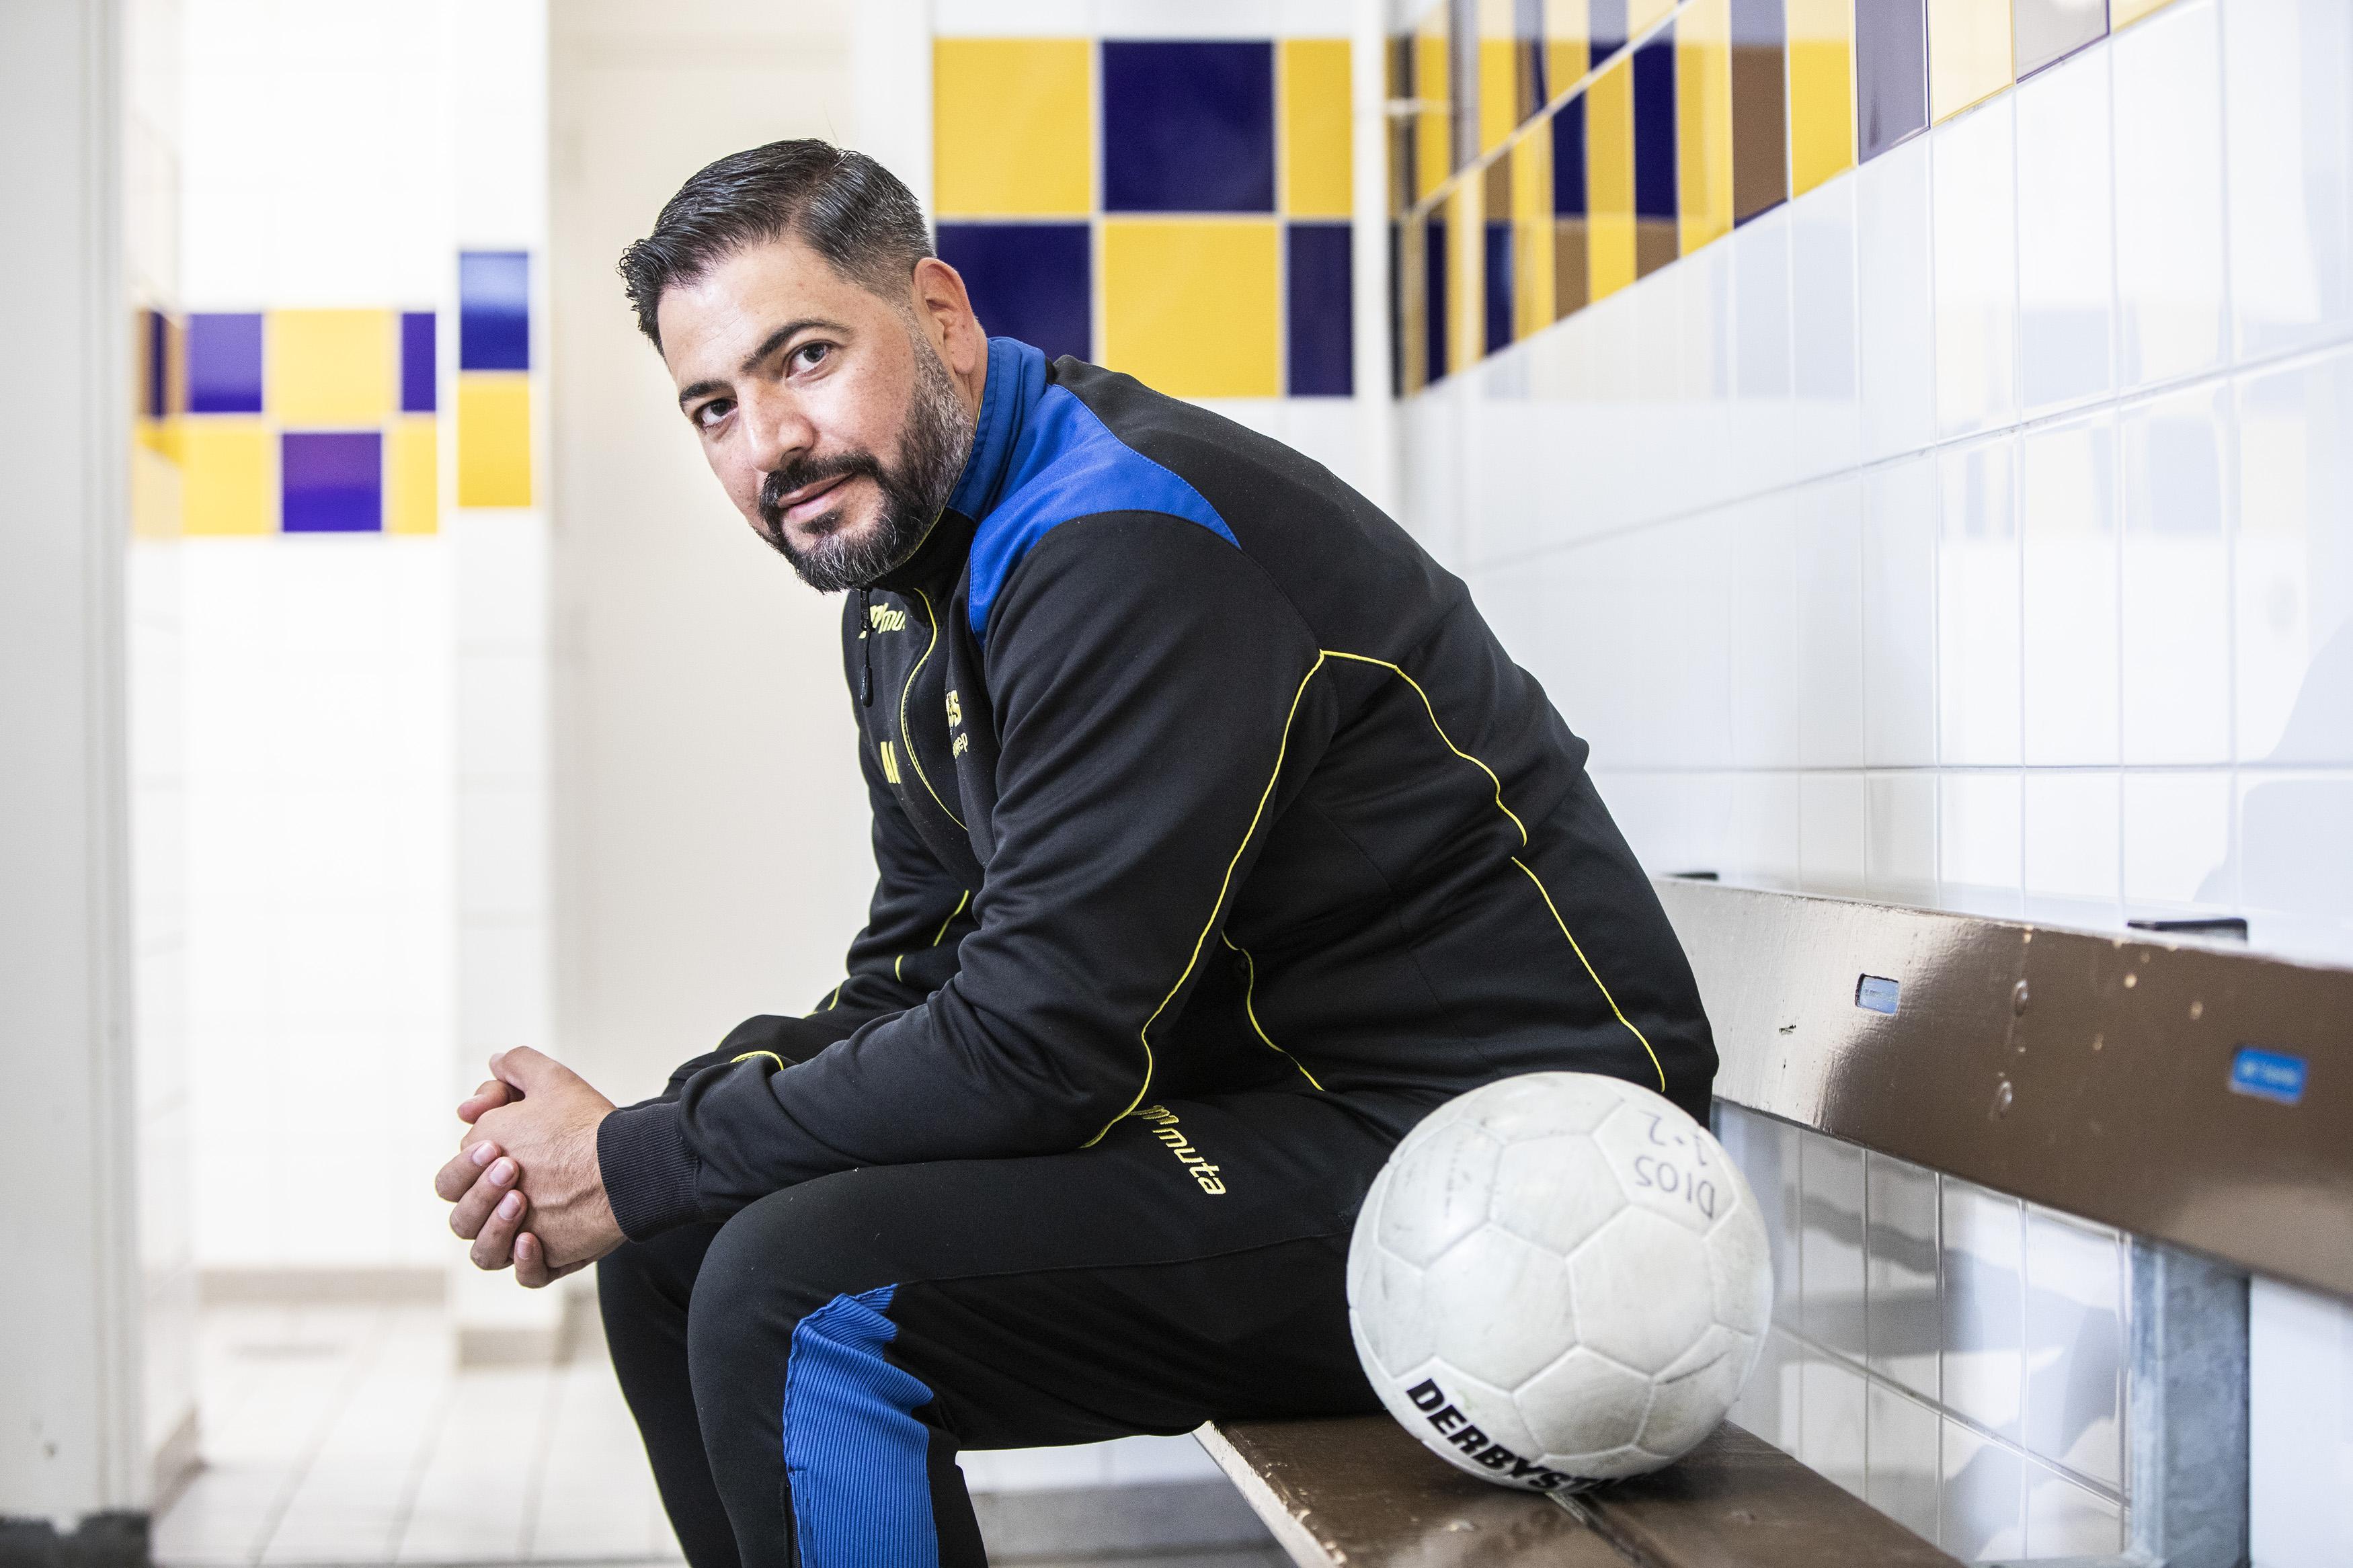 Na zijn dochter is voetbal het belangrijkste in het leven van Ayhan Cargili, die bij twee clubs actief is als trainer